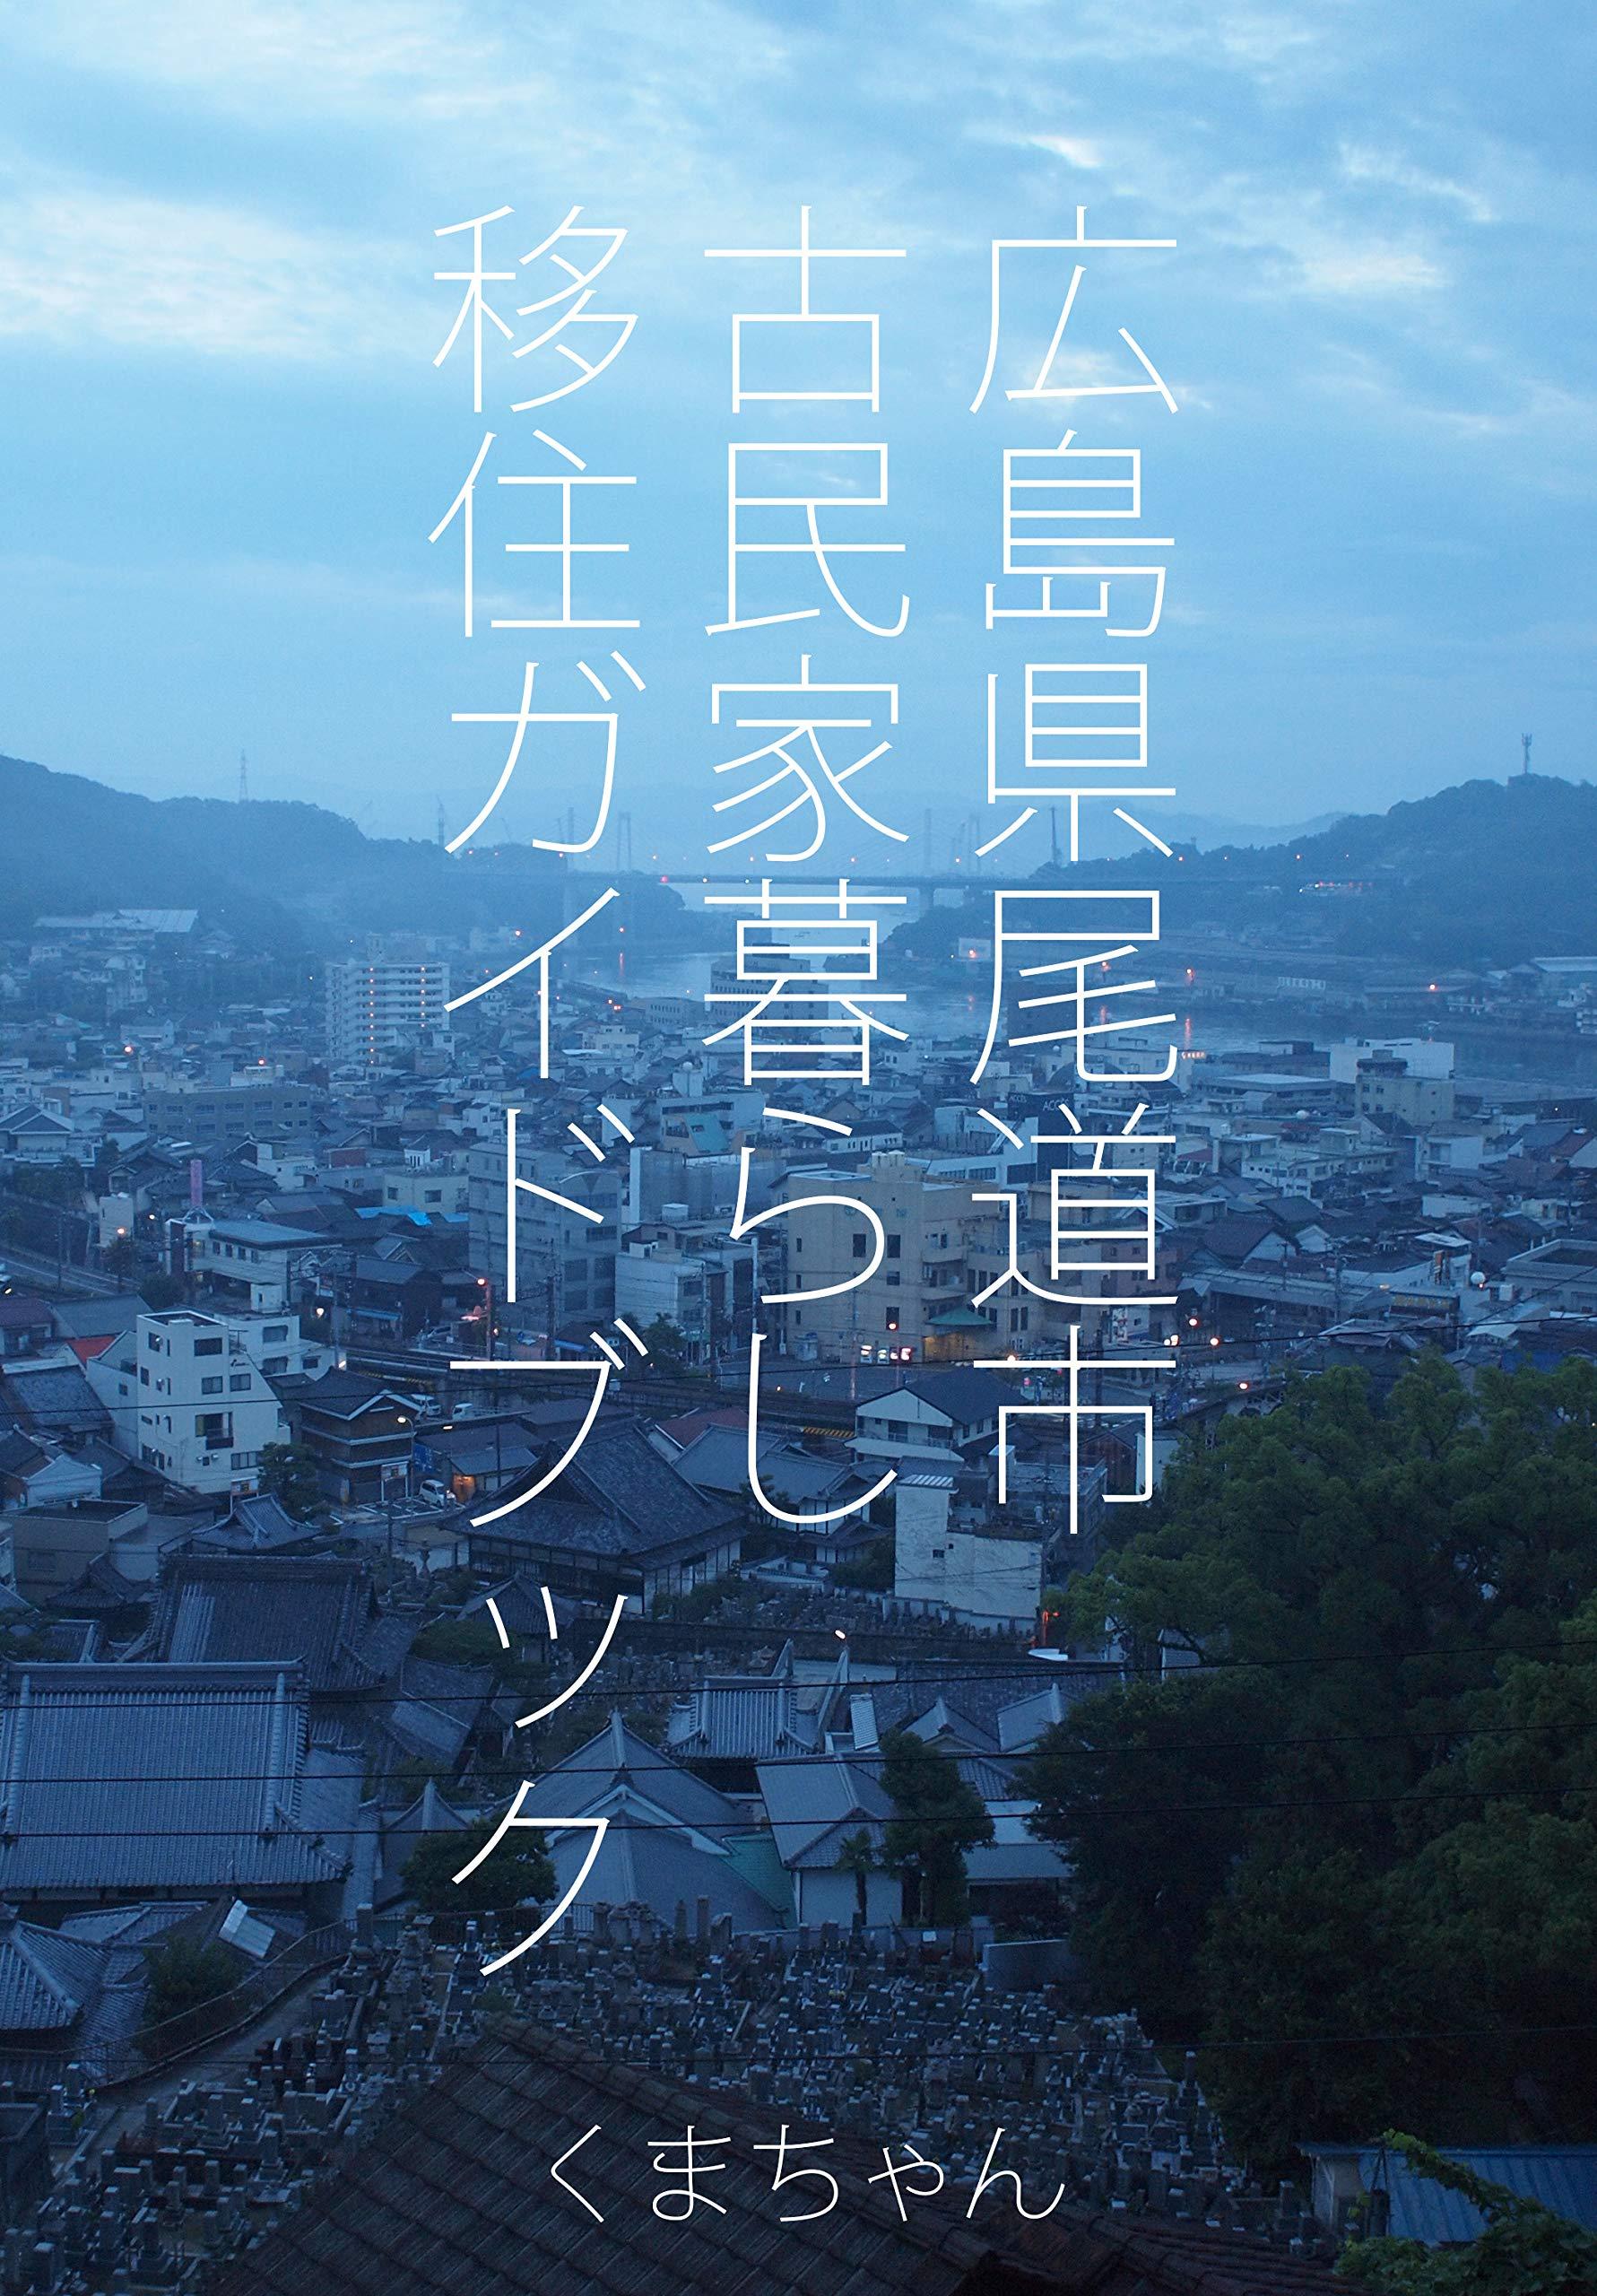 hirosimaken onomichishi kominkagurashi ijuu gaidobukku: tadademoraeru0enbukkennnootoshiana (Japanese Edition)